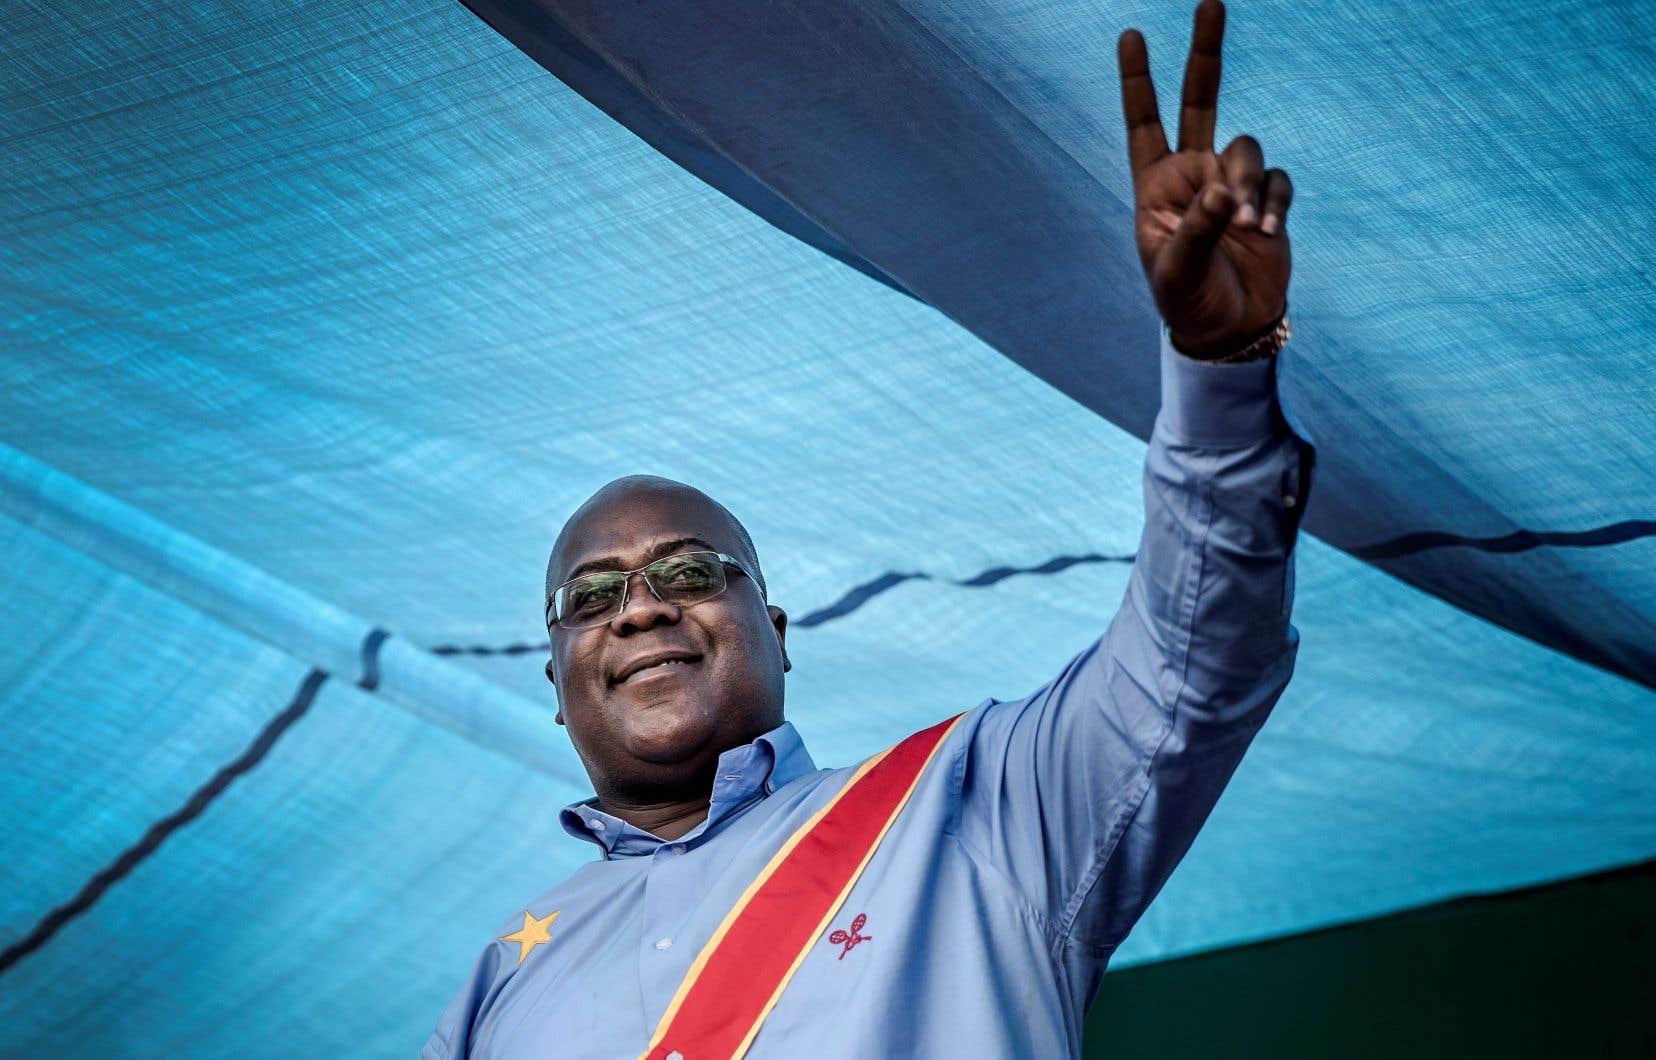 Félix Antoine Tshisekedi Tshilombo, dit «Fatshi», haute taille et carrure massive, hérite du nom de son père Étienne, figure historique de l'opposition en RDC décédée le 1er février 2017.